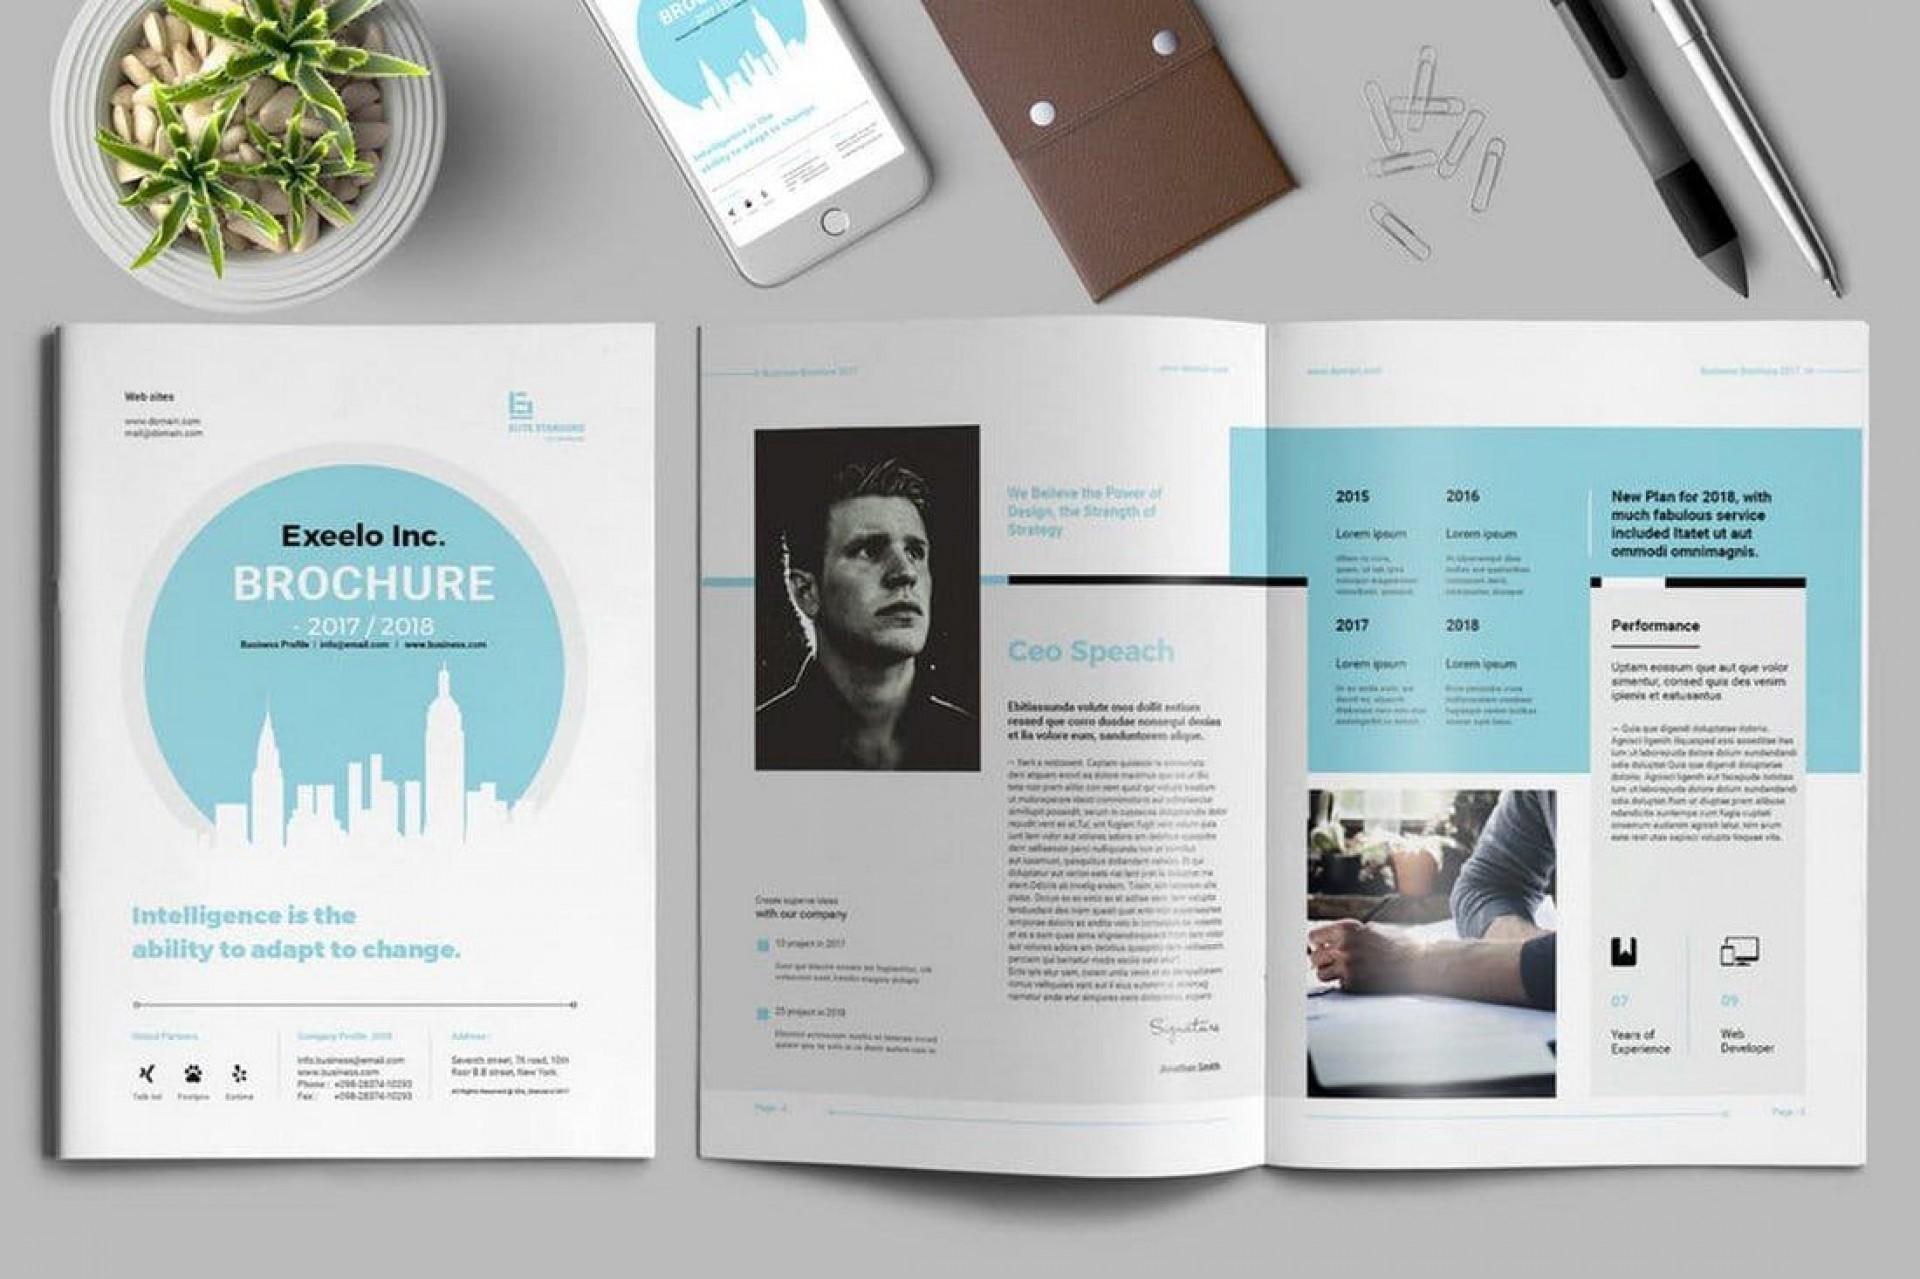 006 Impressive Indesign Brochure Template Free Image  Adobe Download Bi Fold Busines1920